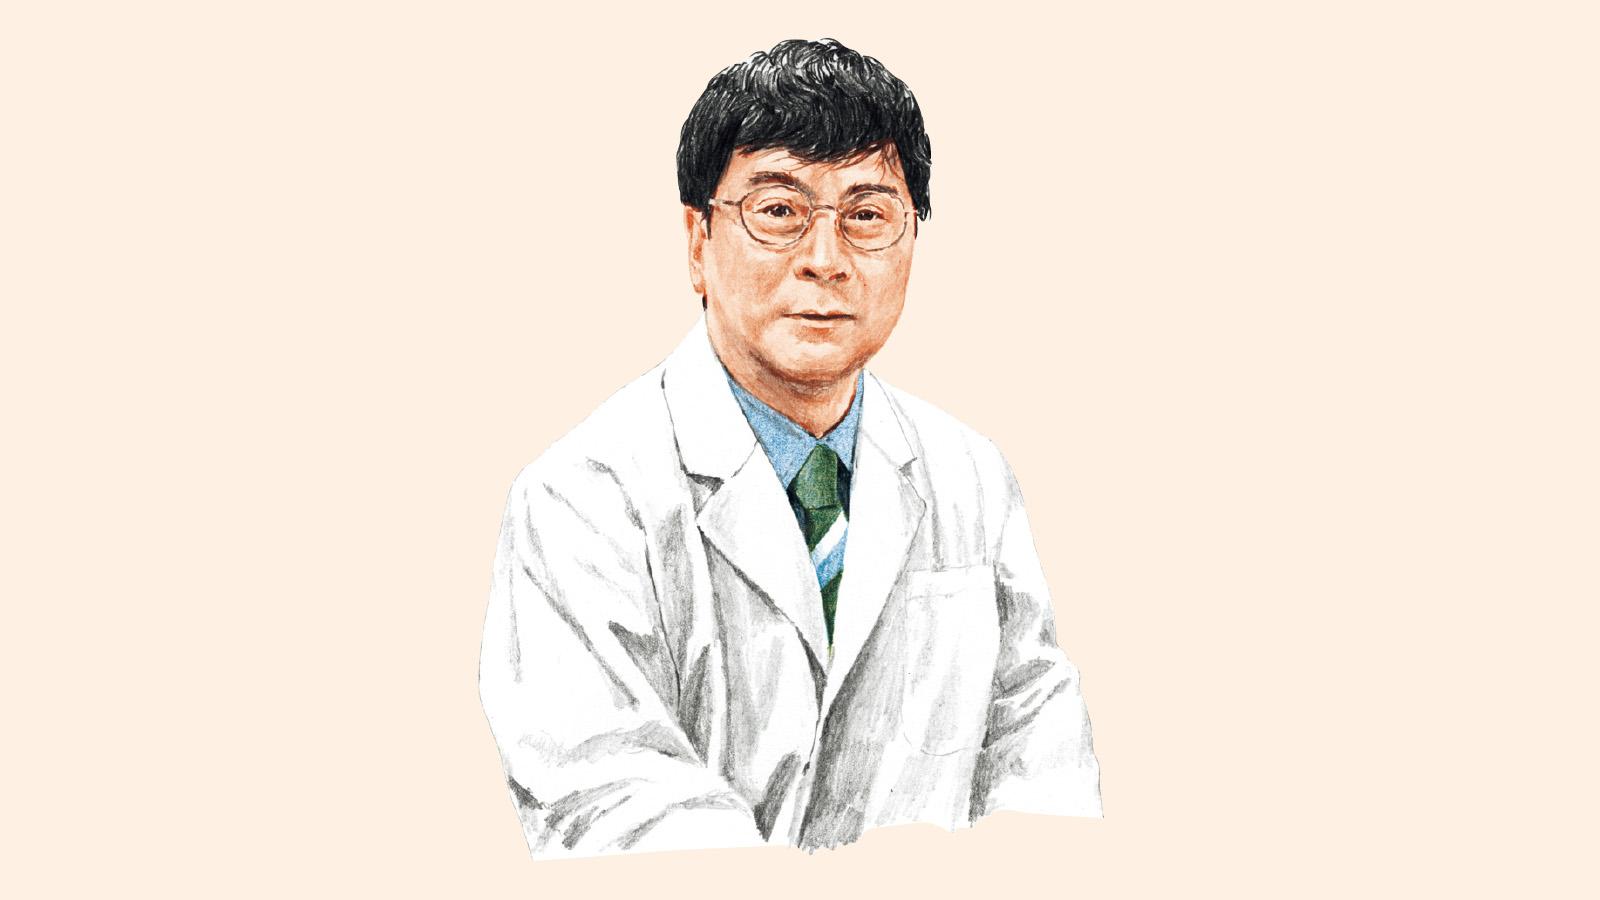 ツイッター 教授 宮沢 准